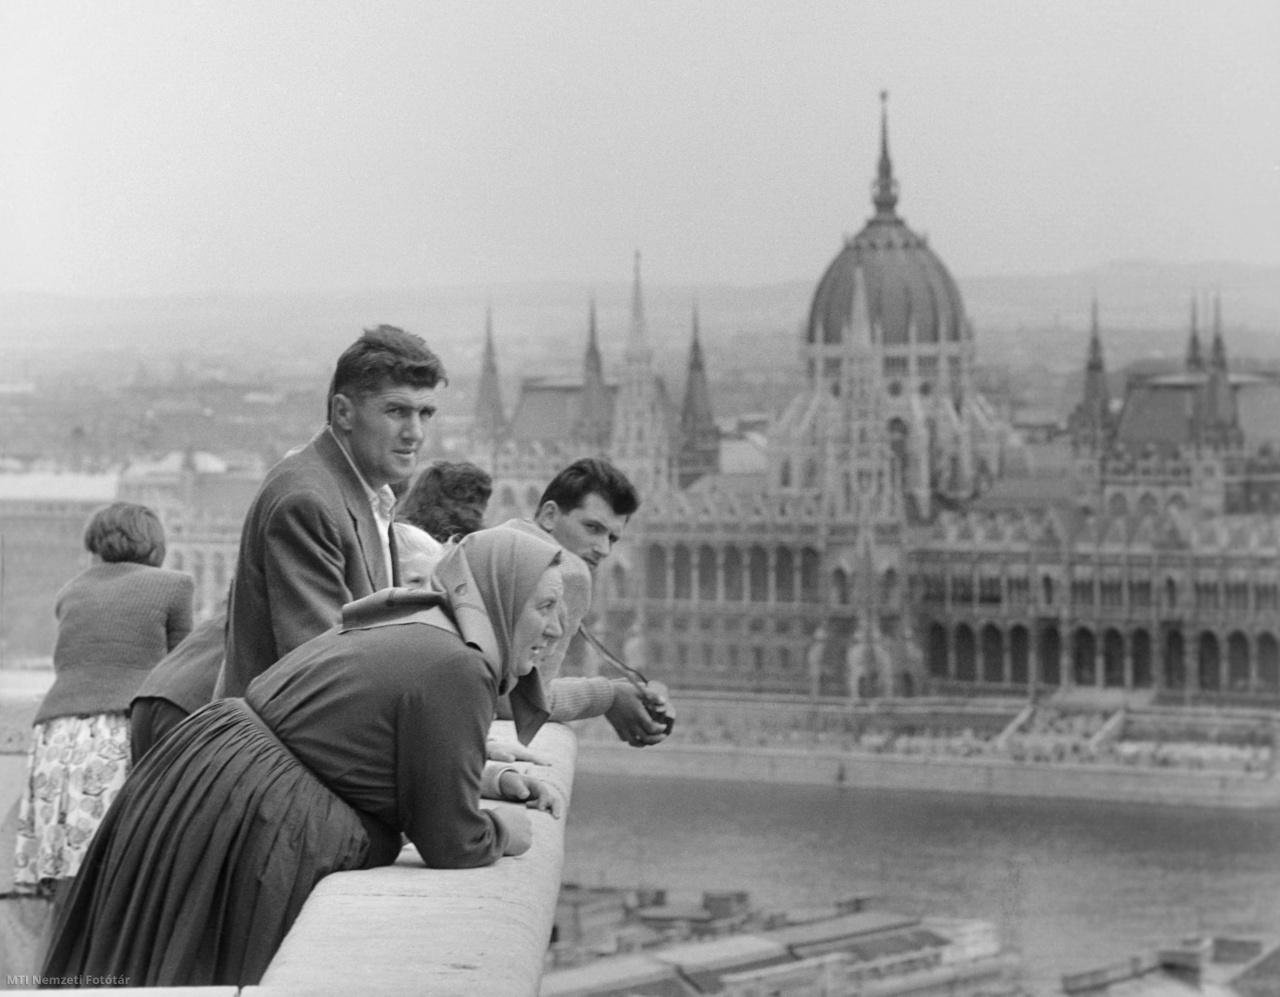 Ünneplők nézik a város panorámáját az Alkotmány 15. évfordulójának ünnepén a Halászbástyán 1964-ben. Jobbra az Országház